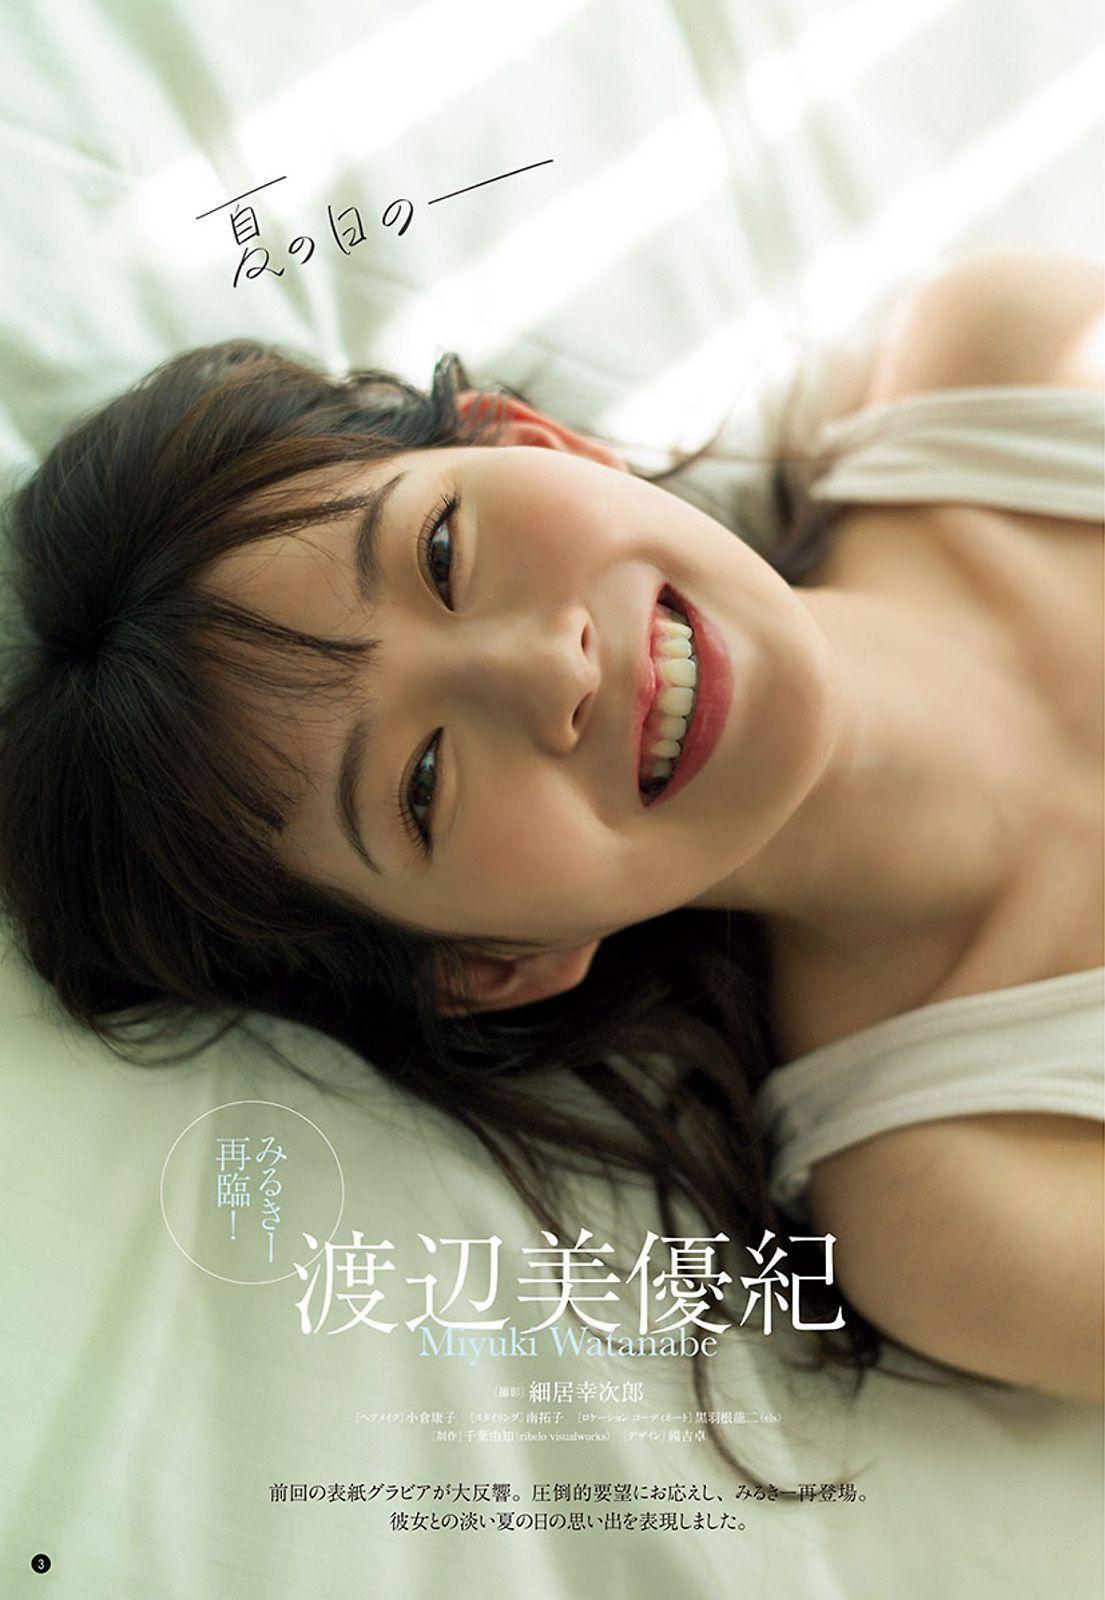 樱木美凉Young Champion写真杂志限定角度的胸拍 美女写真 热图3